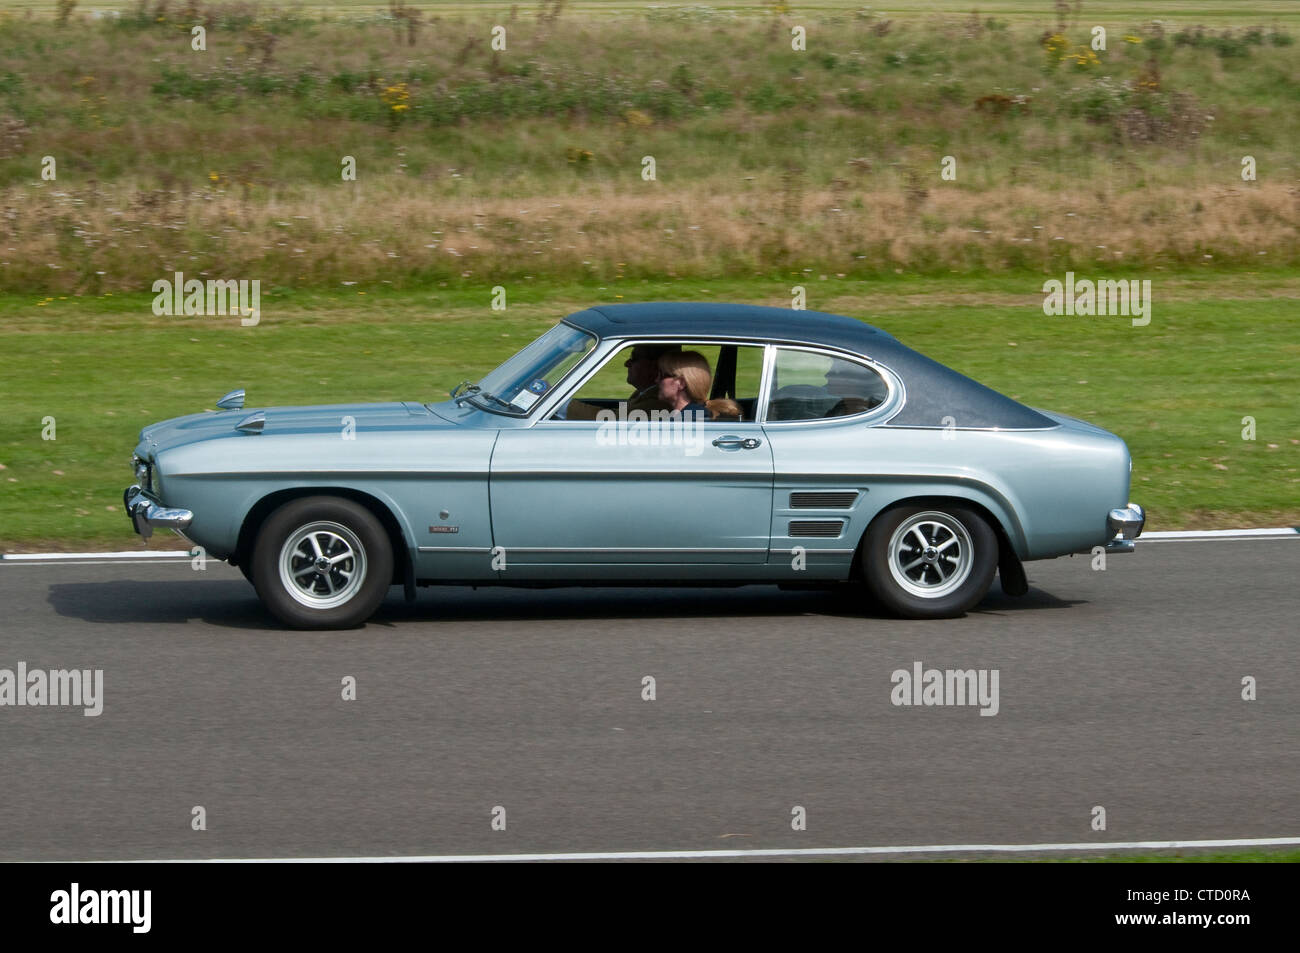 Ford Capri 3000 Fotos E Imagenes De Stock Alamy